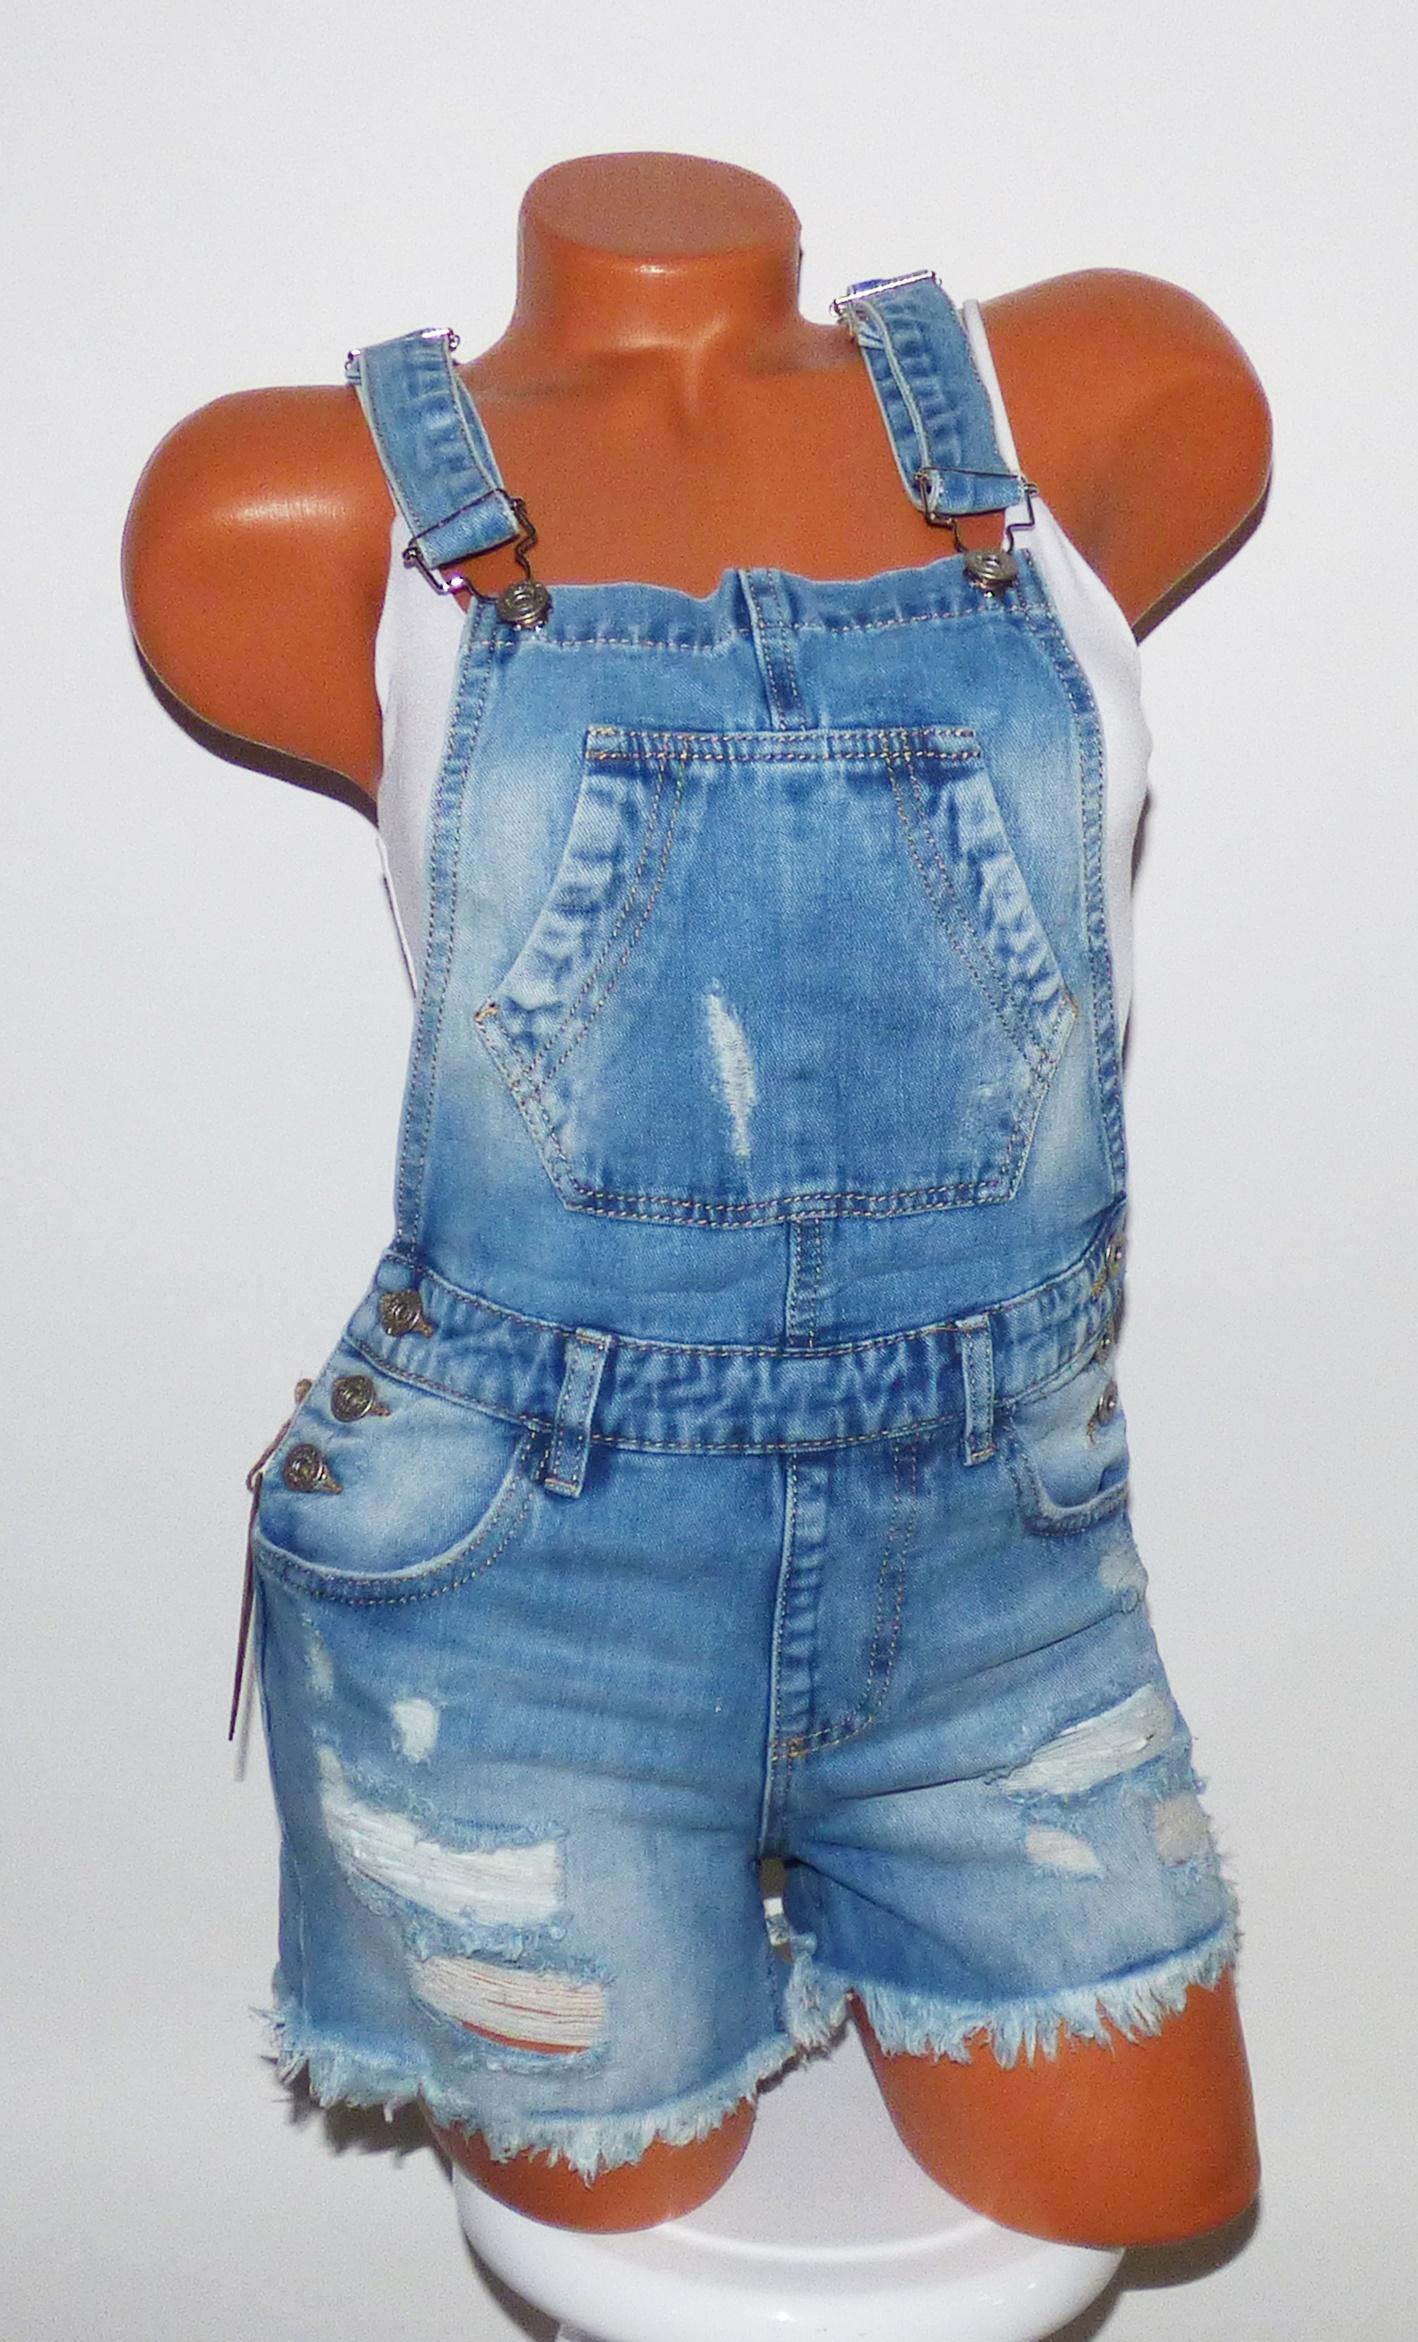 07bac4ee3c Kantáros, zsebes farmernadrág - Nadrág / Szoknya - Luna Gardrobe Női ruha  WebÁruház, Akciós - olcsó női ruha, Női ruha webshop, Online trendi -  divatos ruha